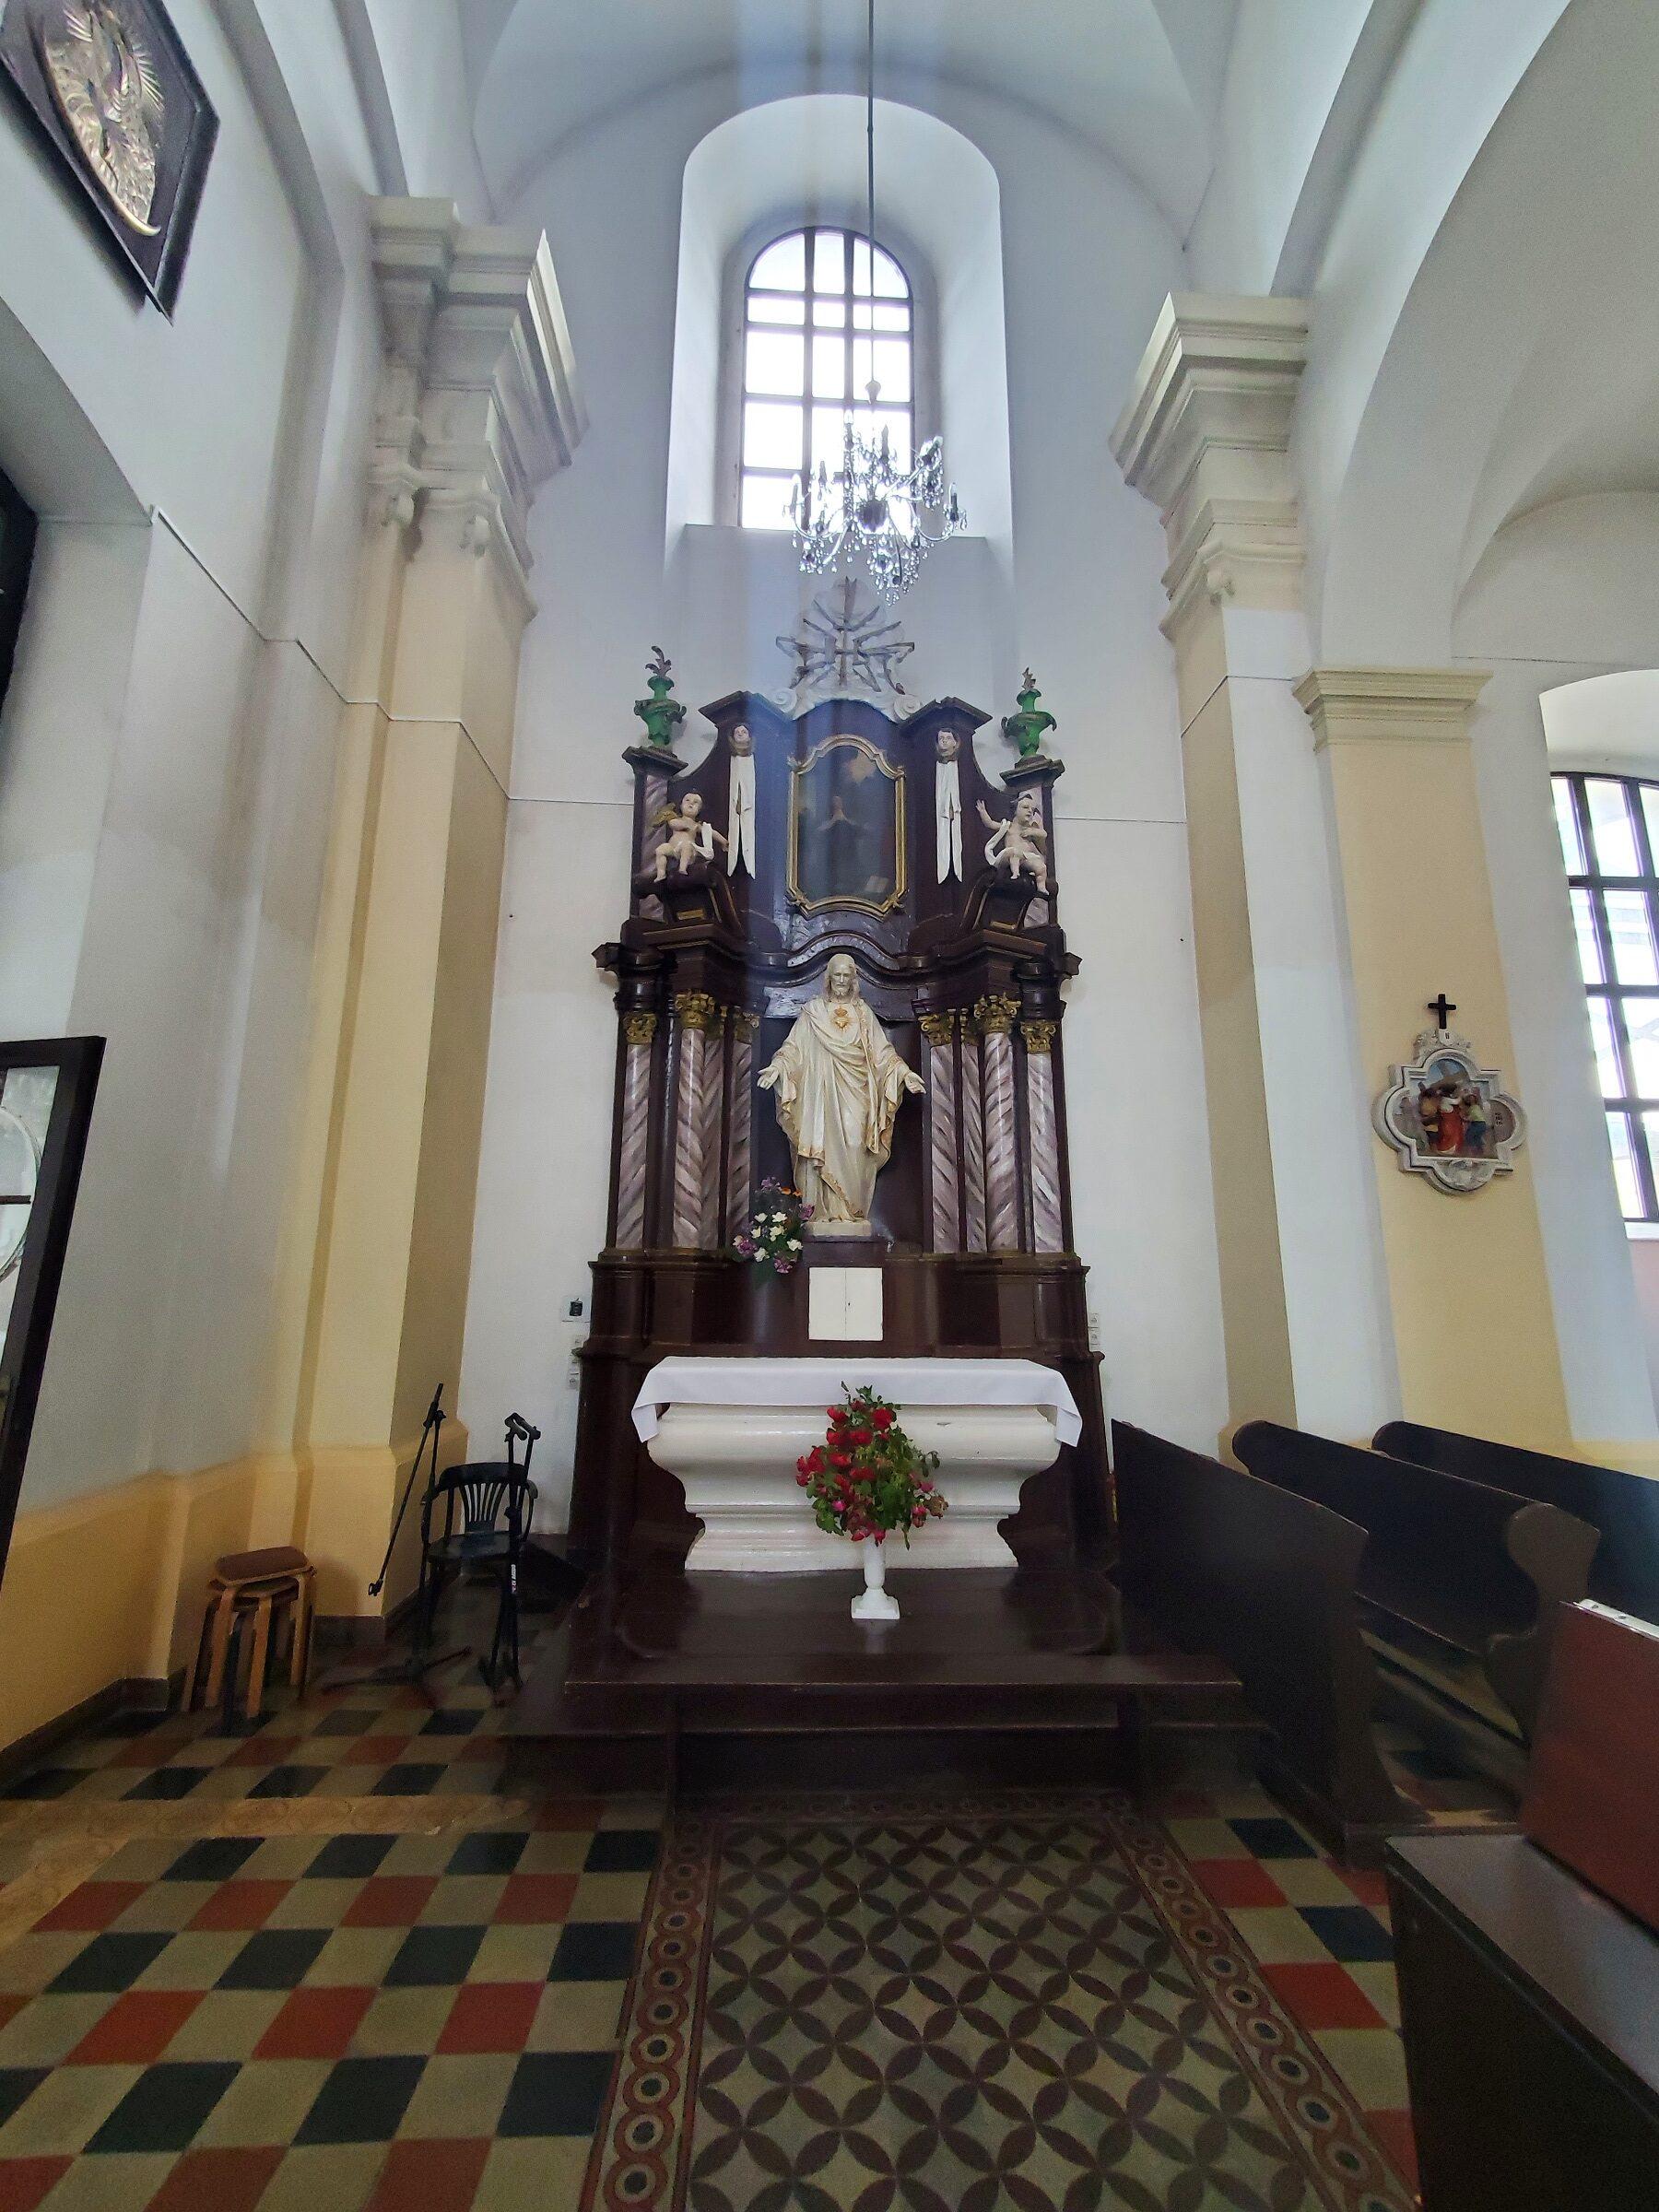 20200703 123417 rotated - Костел Святой Троицы в Глубоком